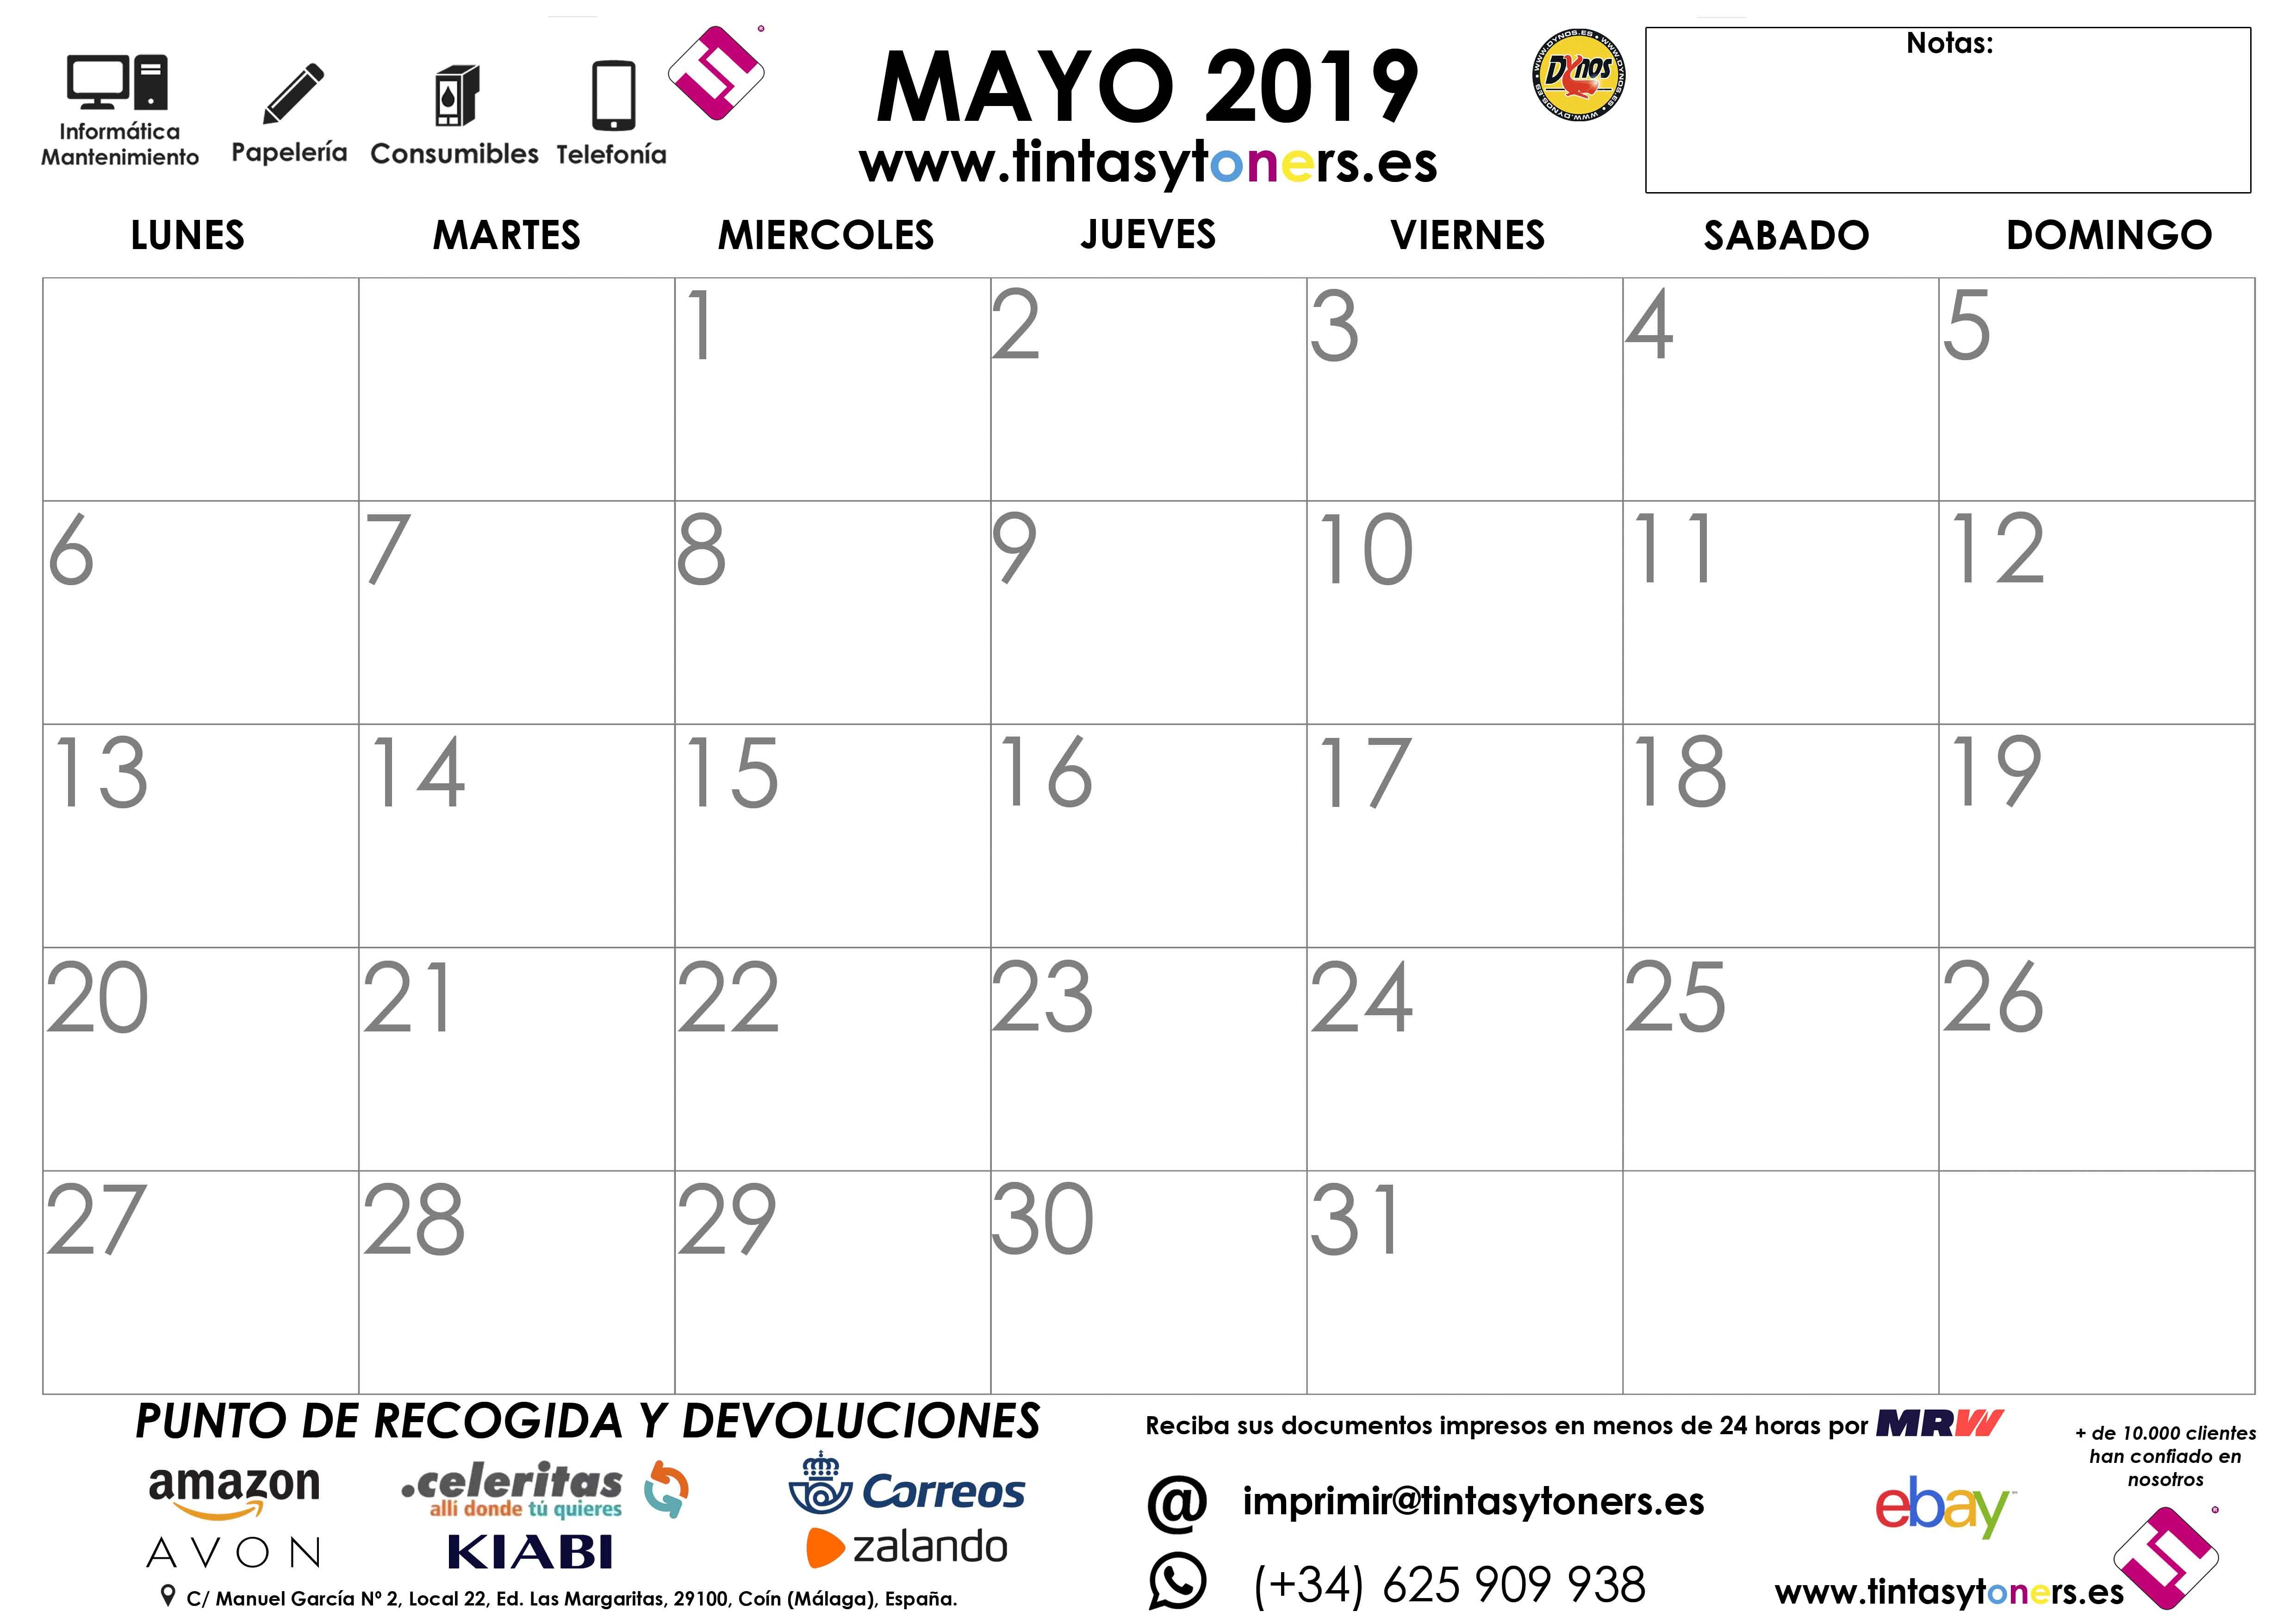 Calendario Mayo2019.Calendario Tintasytoners Din A4 Din A3 Gratis Para Descargar Mayo 2019